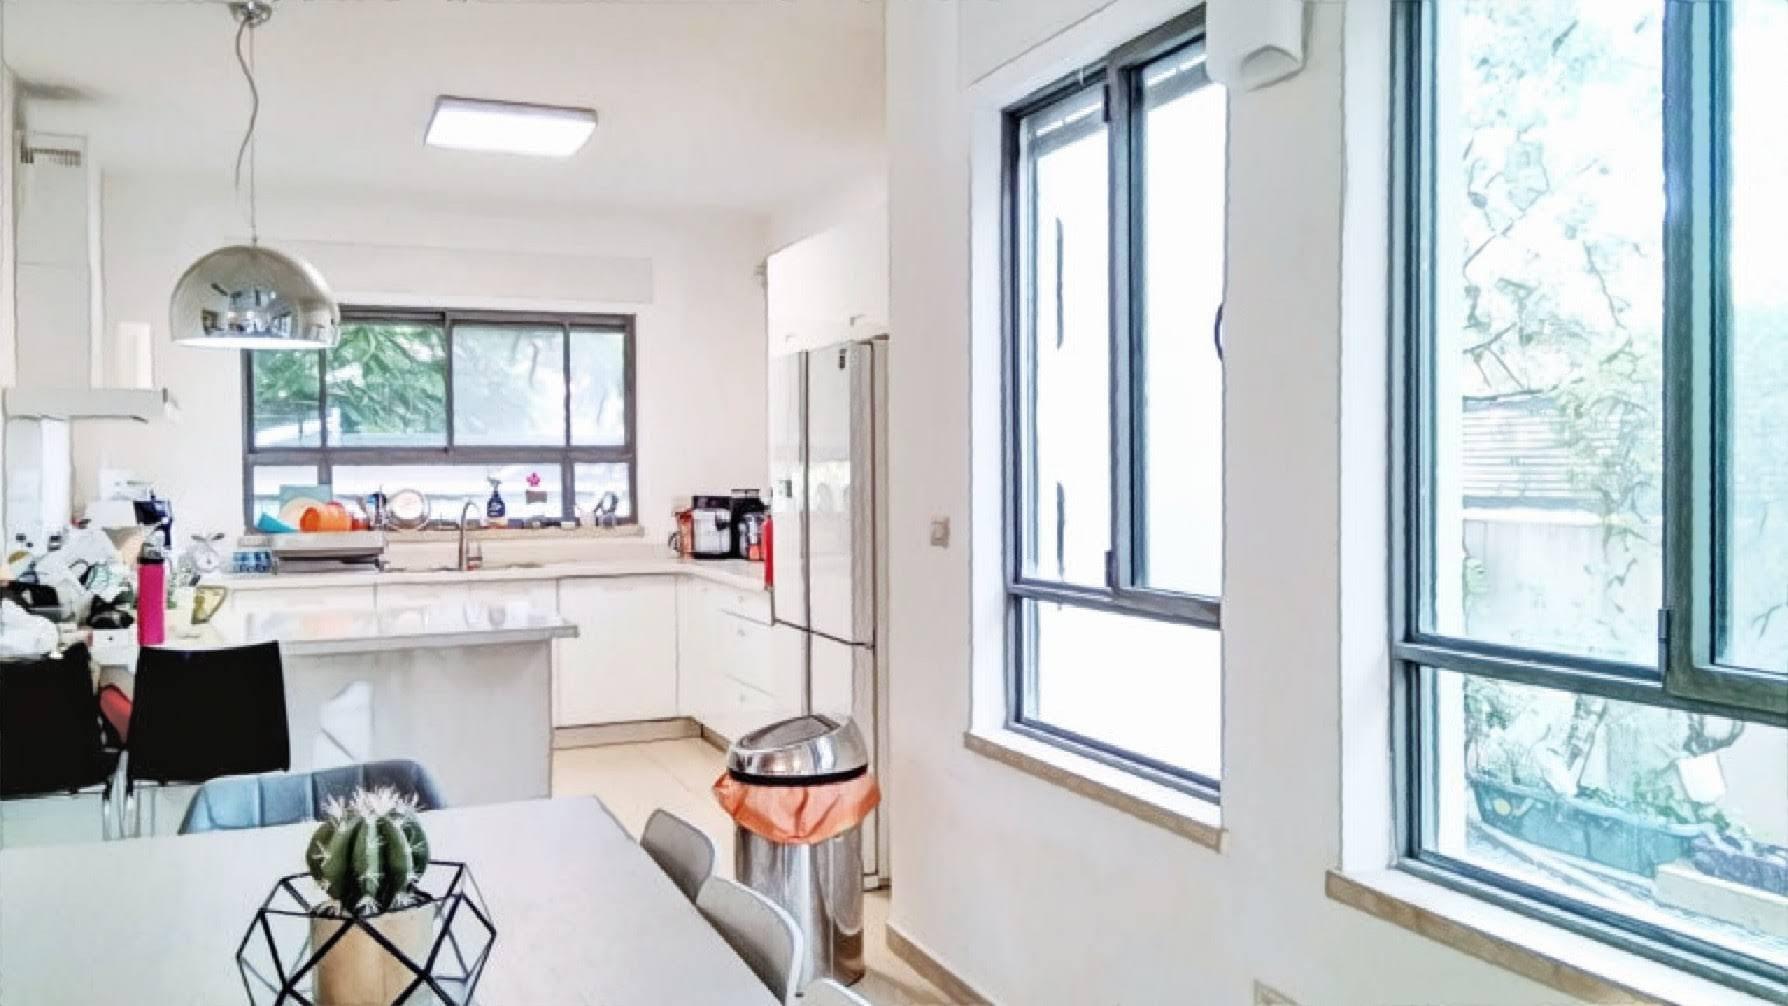 בית עם תקרה גבוהה למכירה בקדימה בכפר